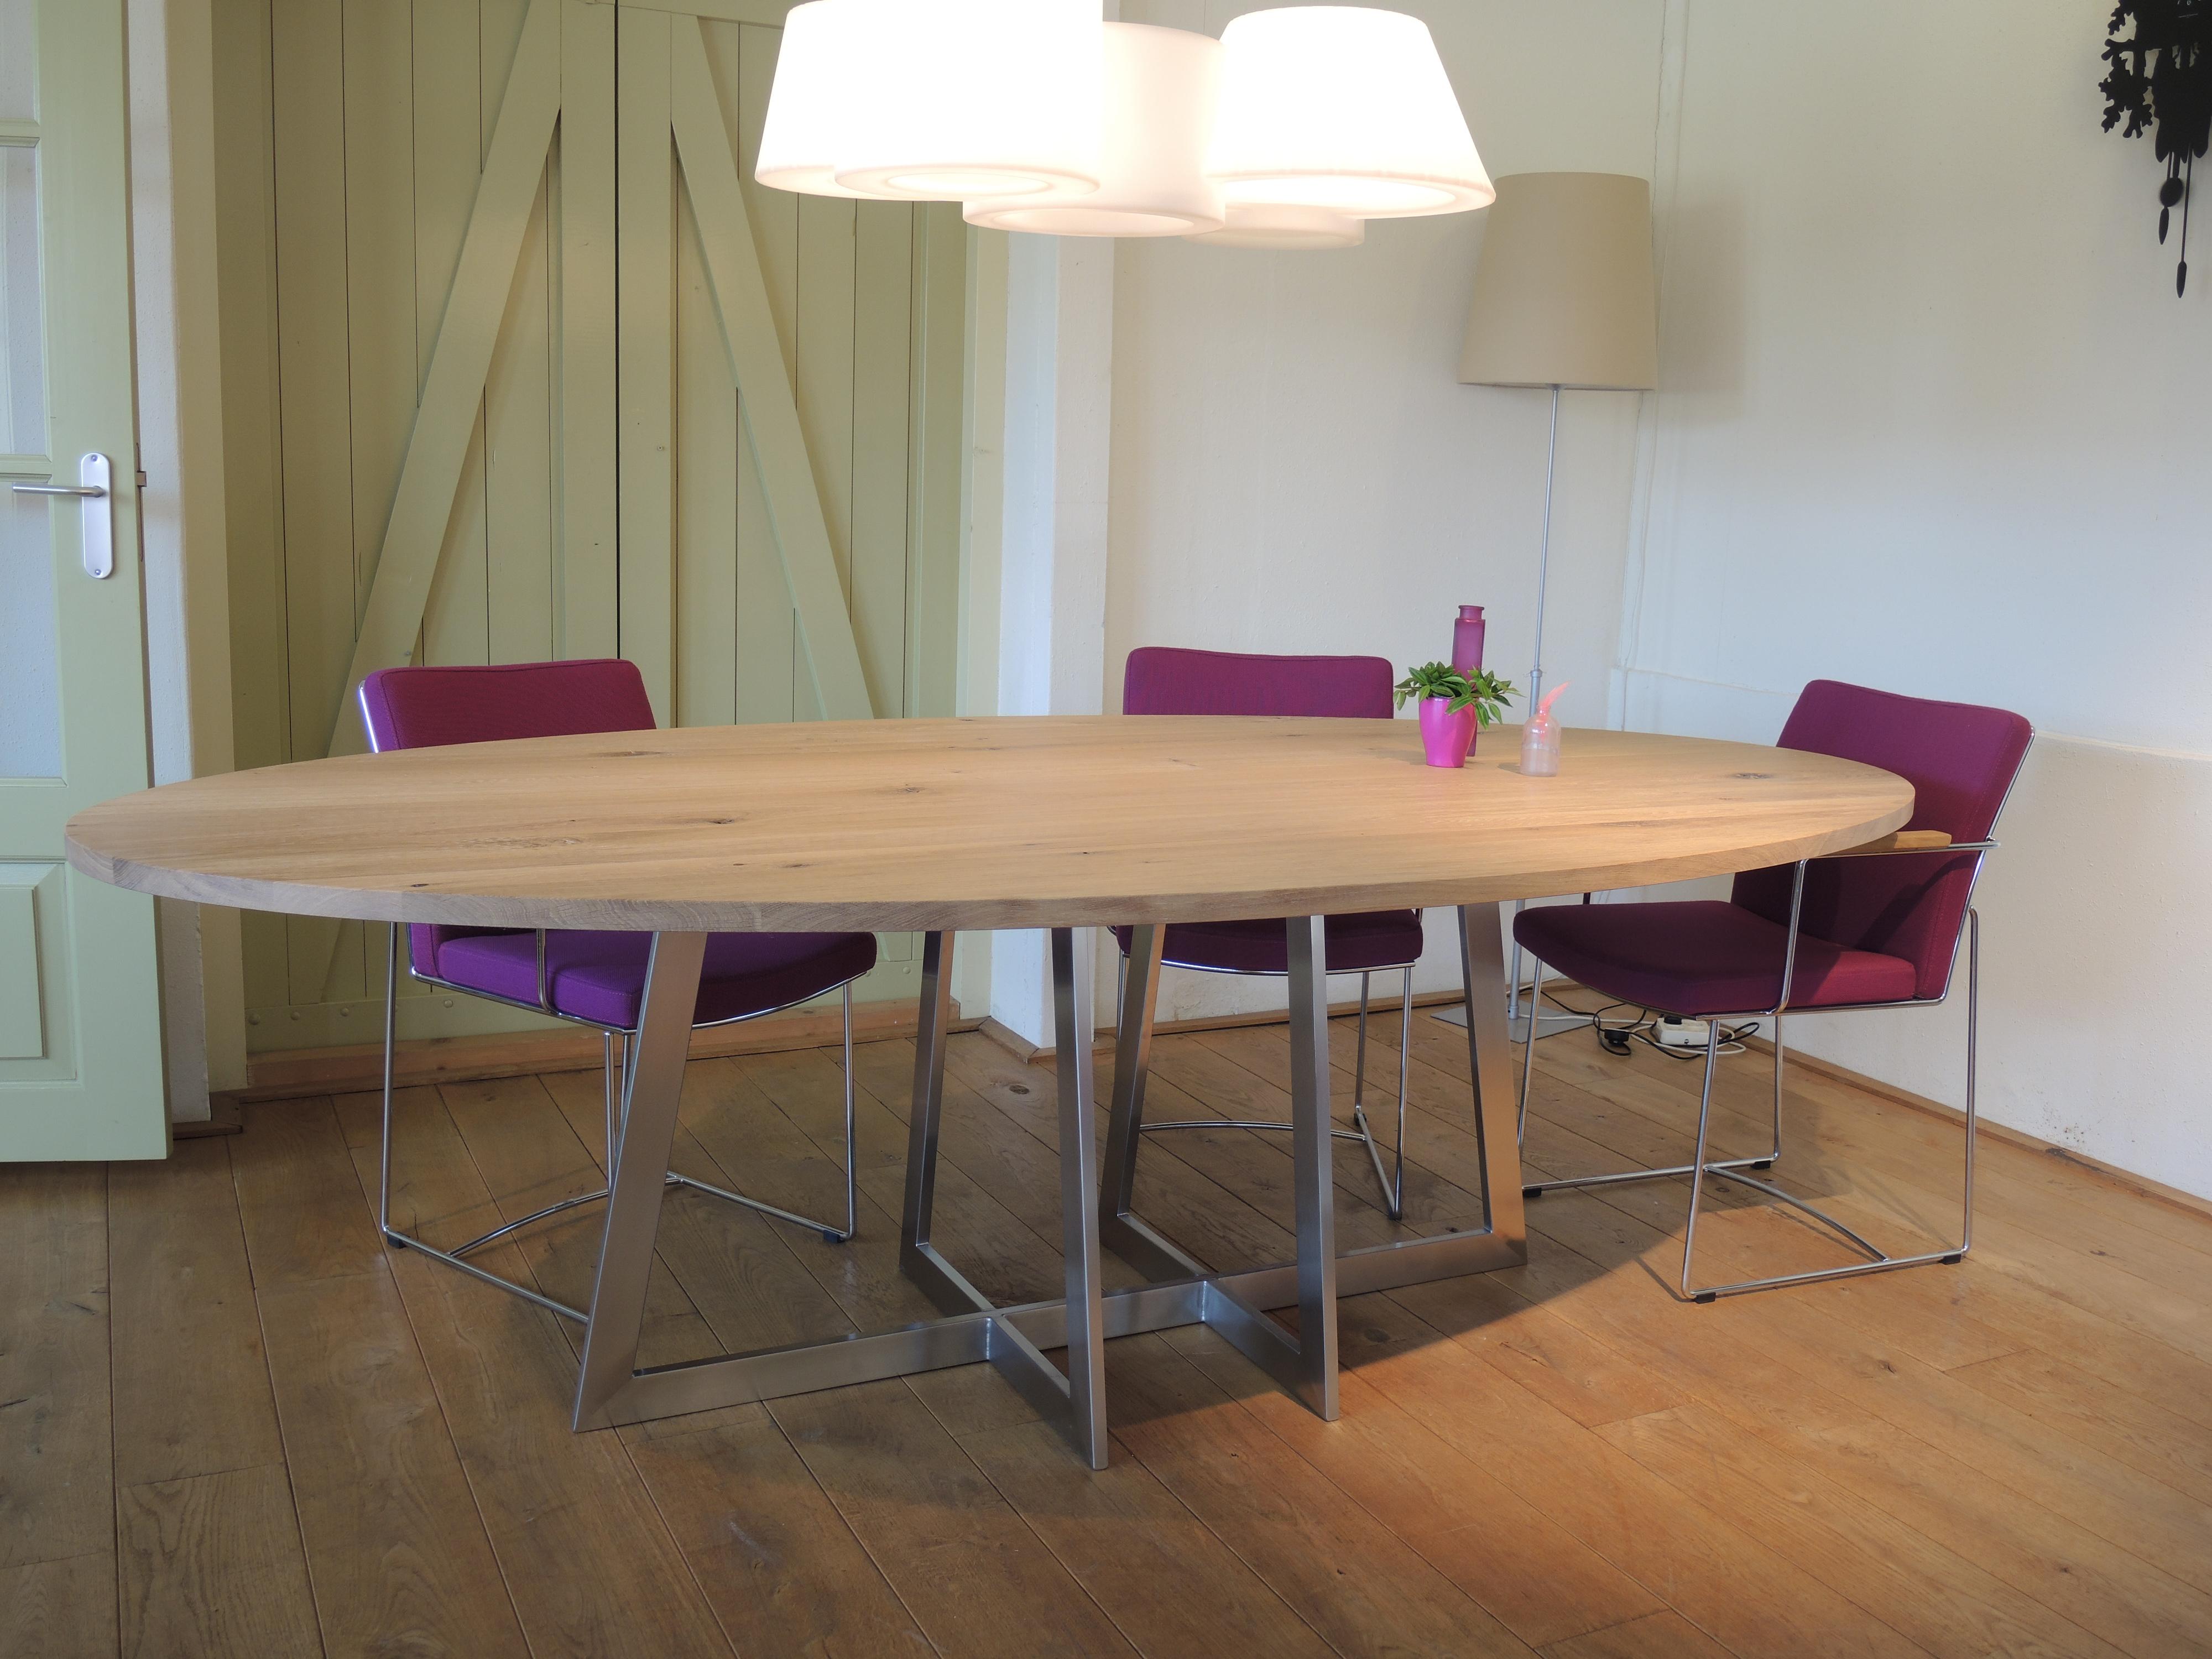 Milano - Design tafel